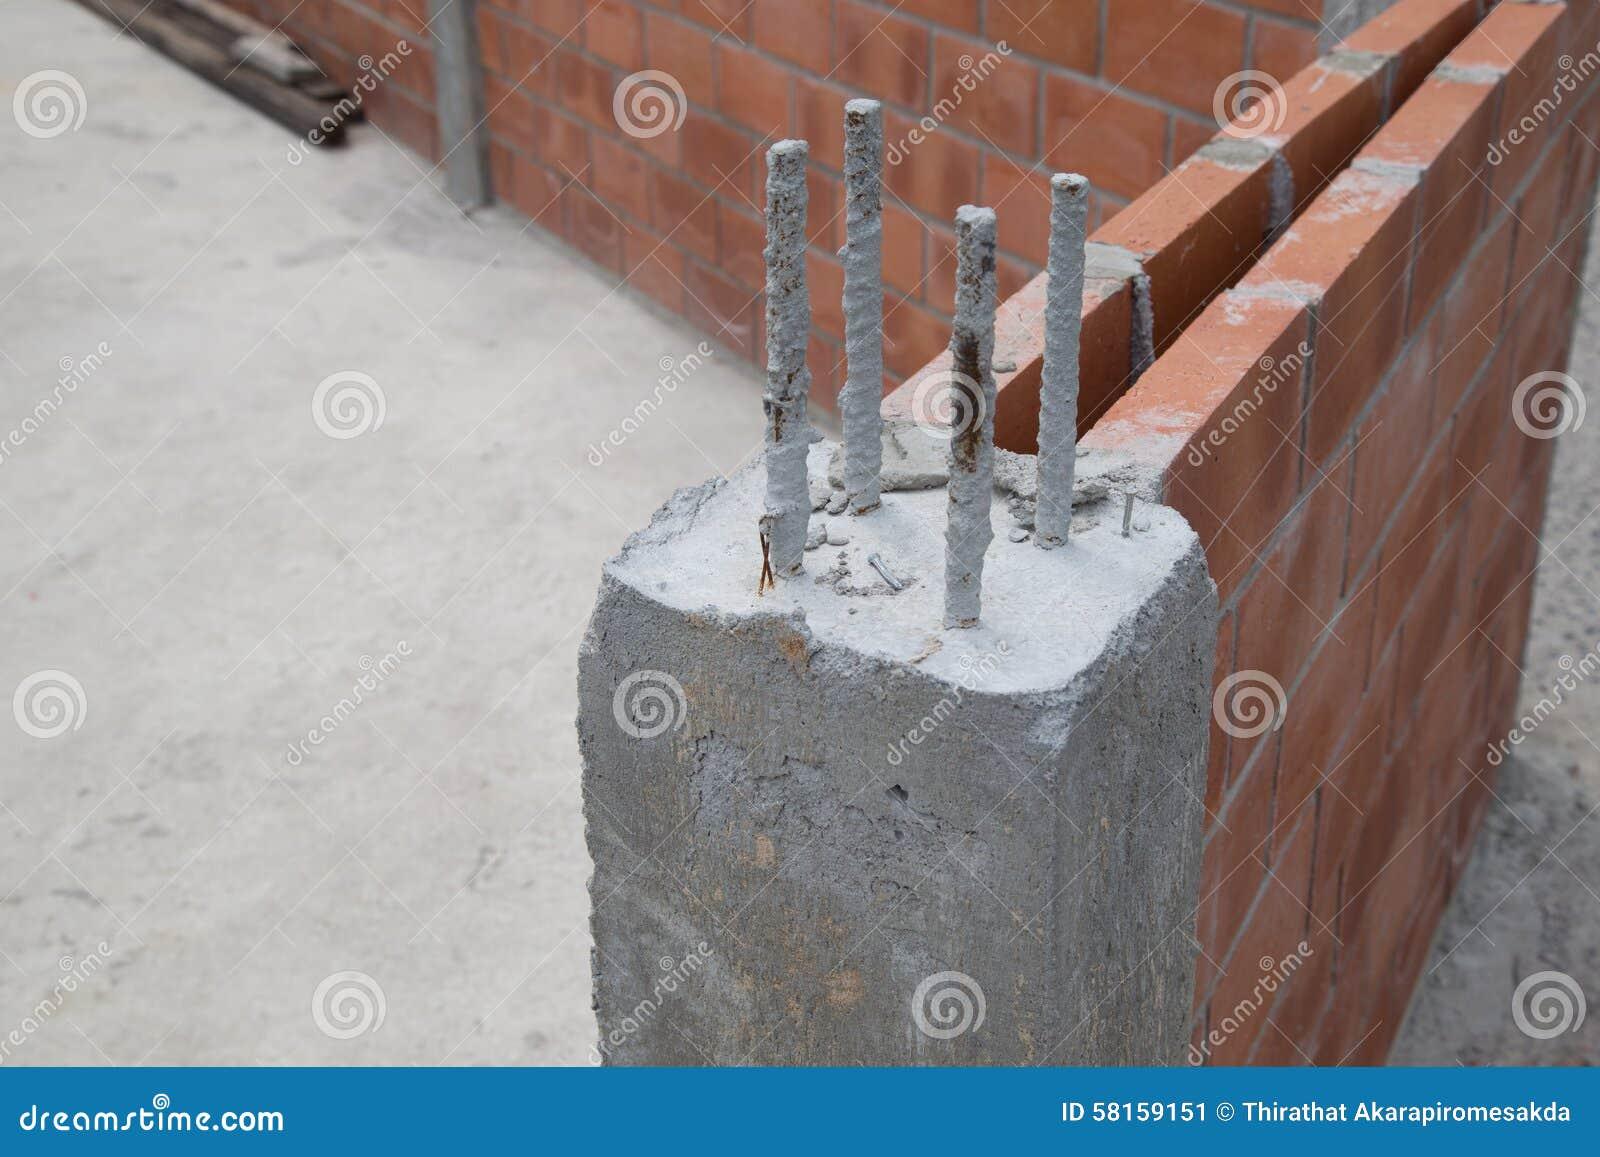 Ить бетон отделка откосов цементным раствором